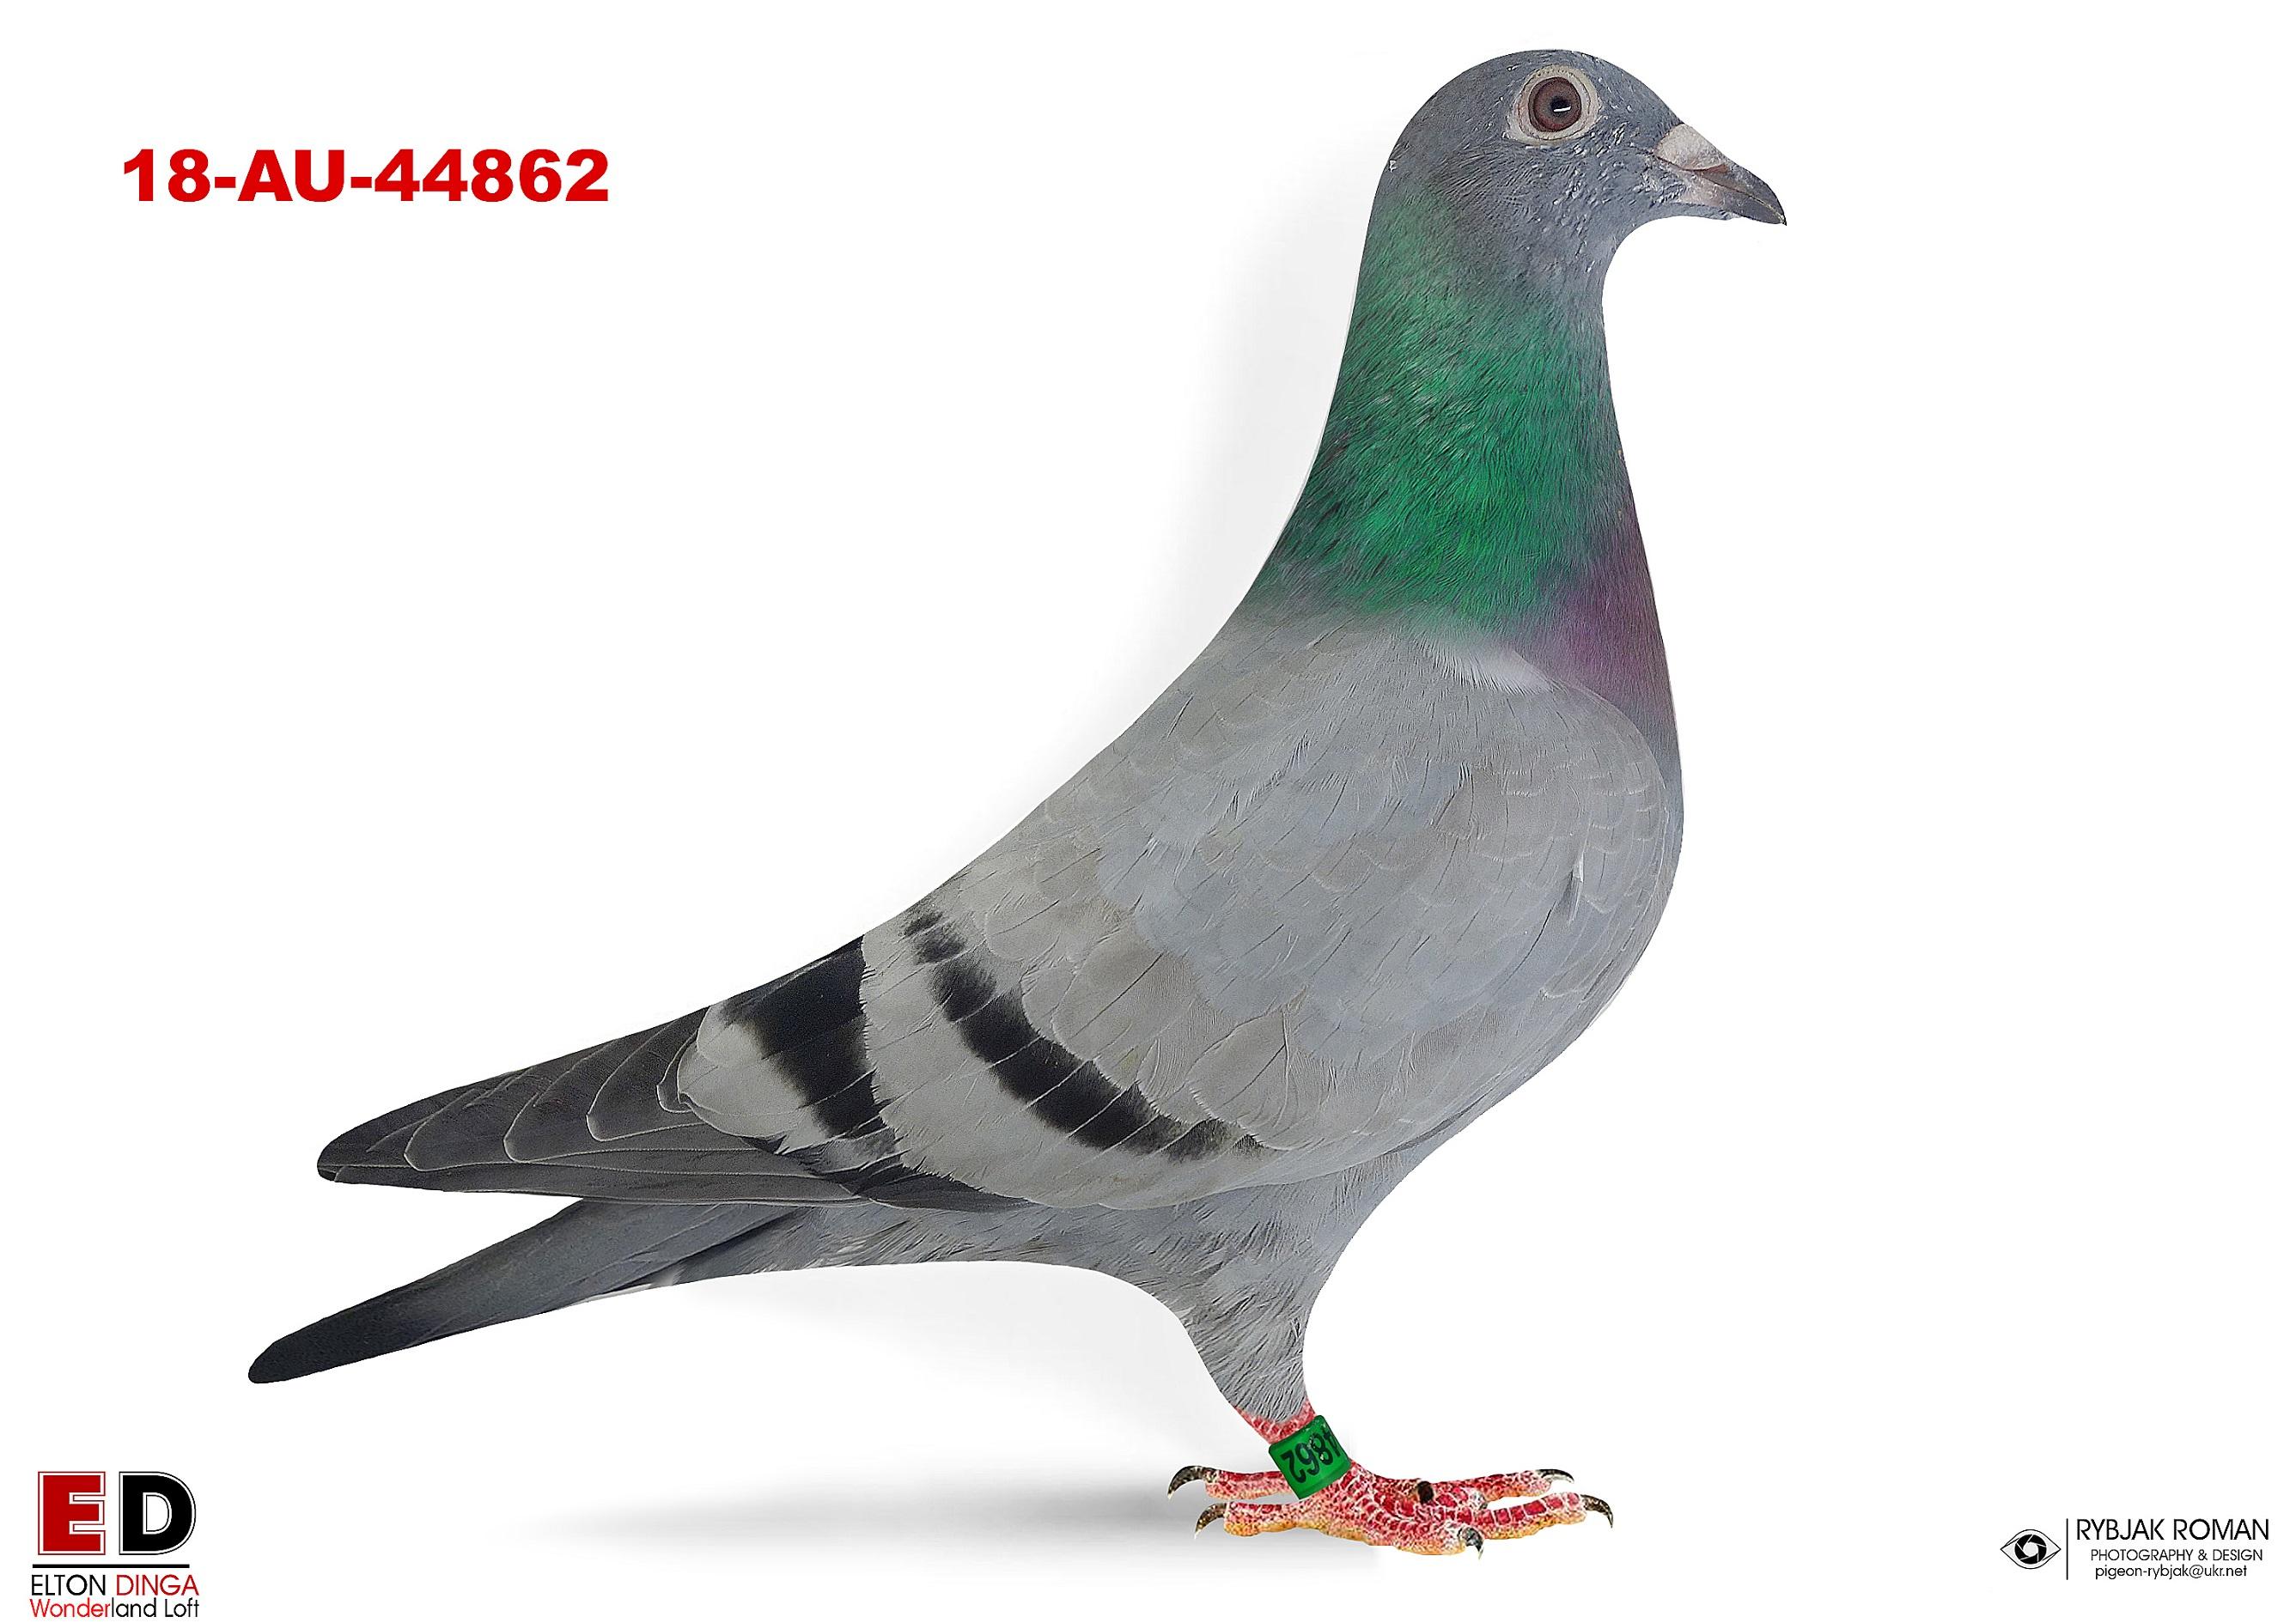 44862 - Sister 3rd Champion Bird - Texas Shootout 18